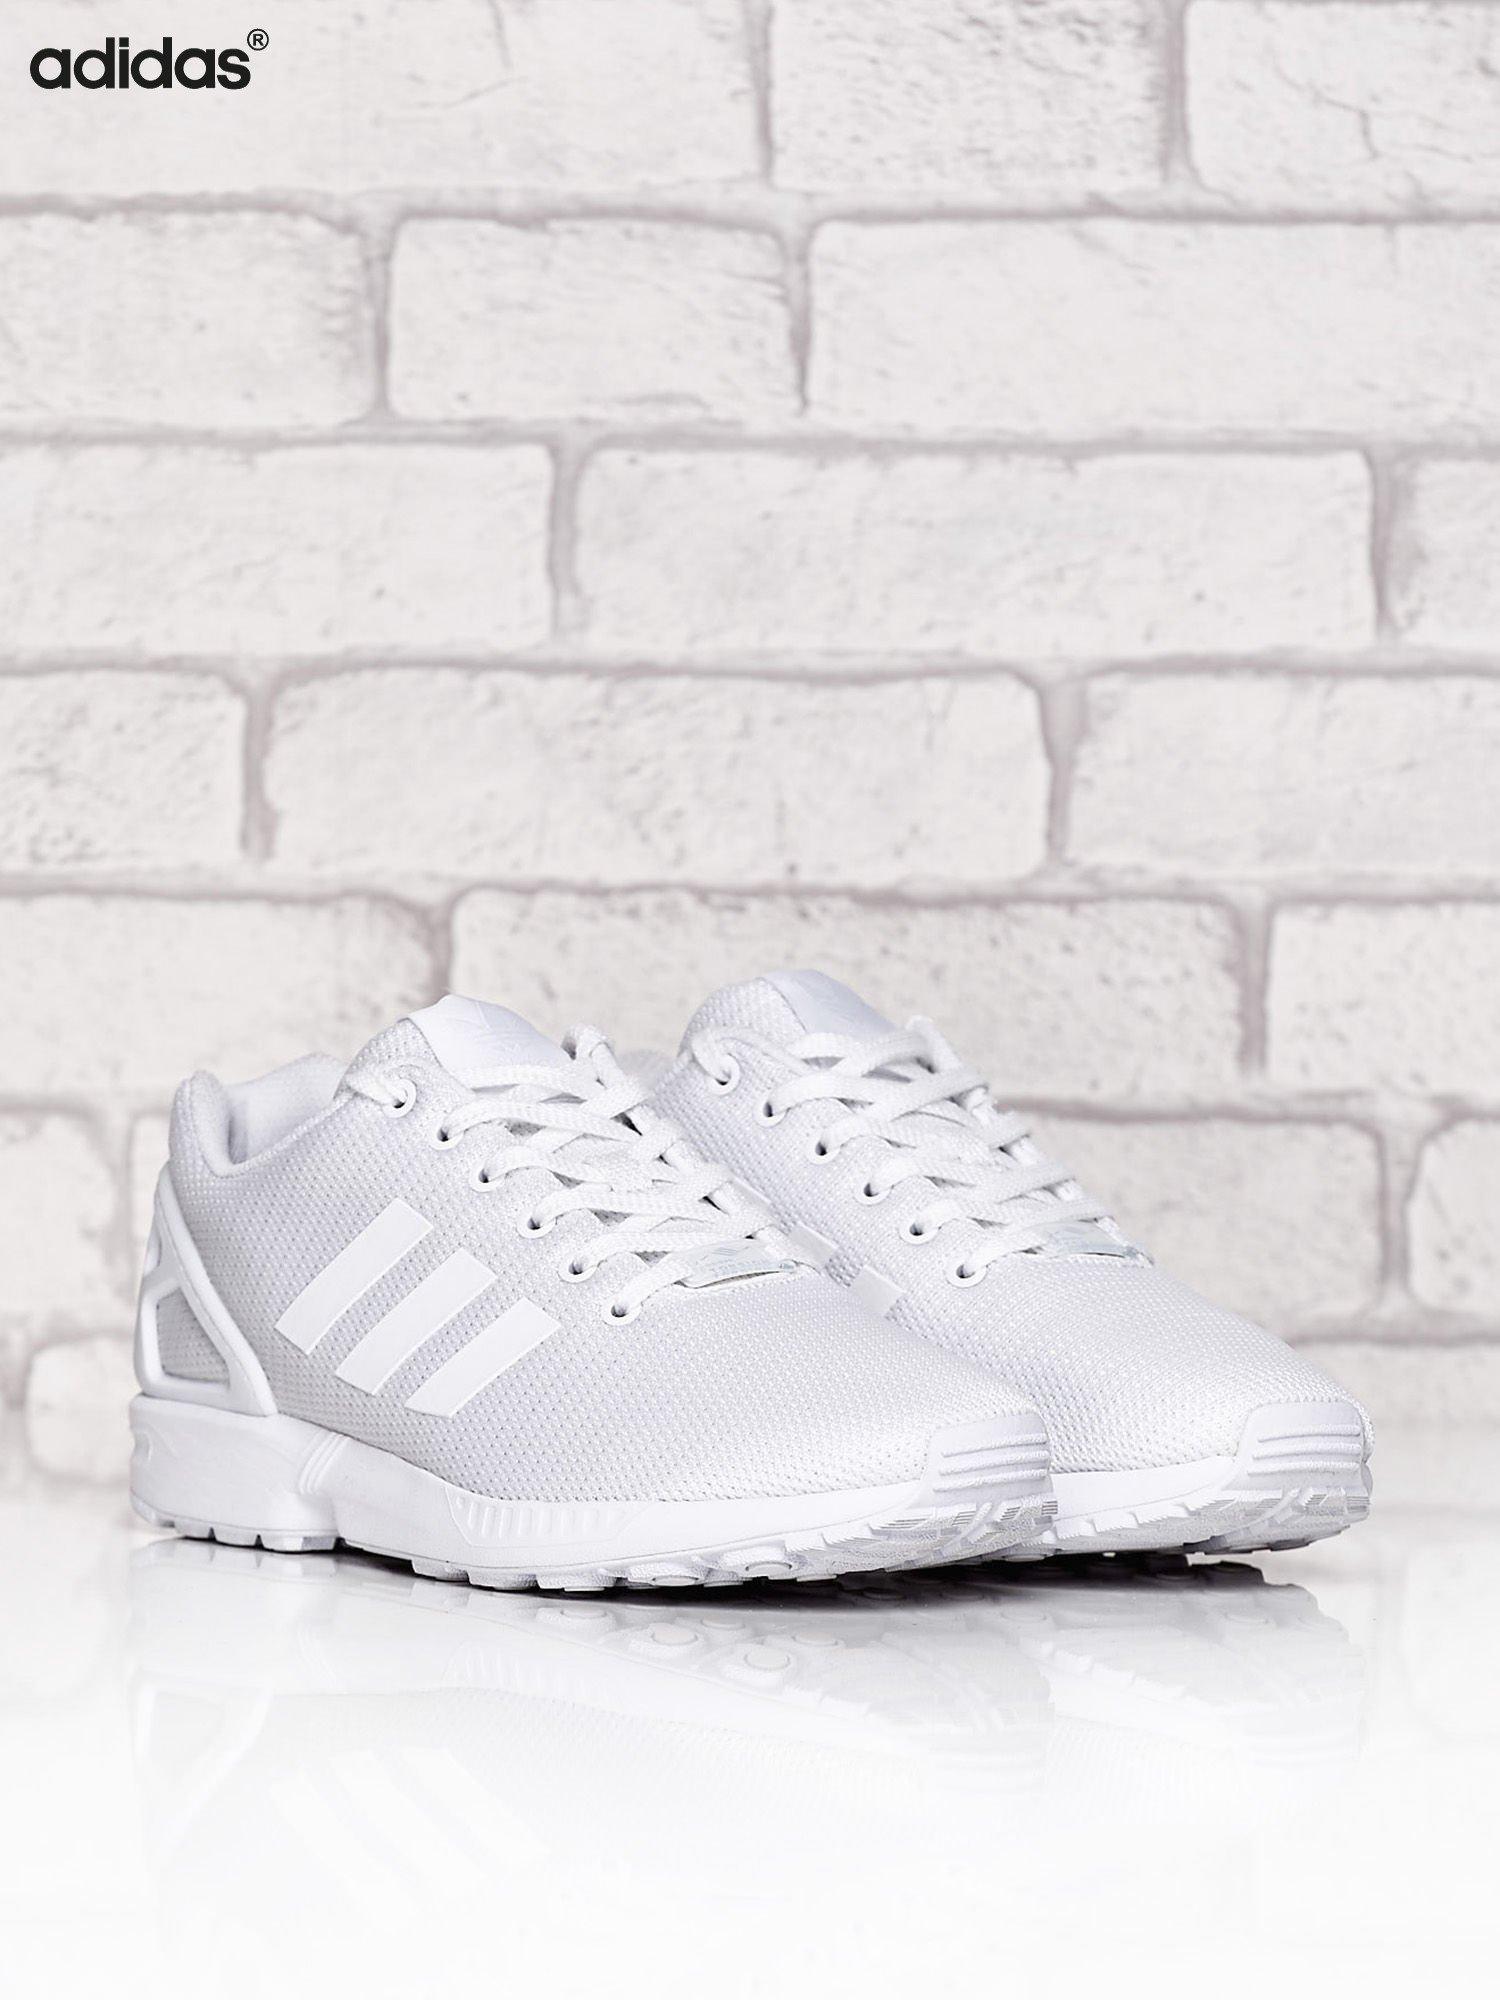 reputable site 97b48 0188c 1 · ADIDIAS Białe męskie buty sportowe ...